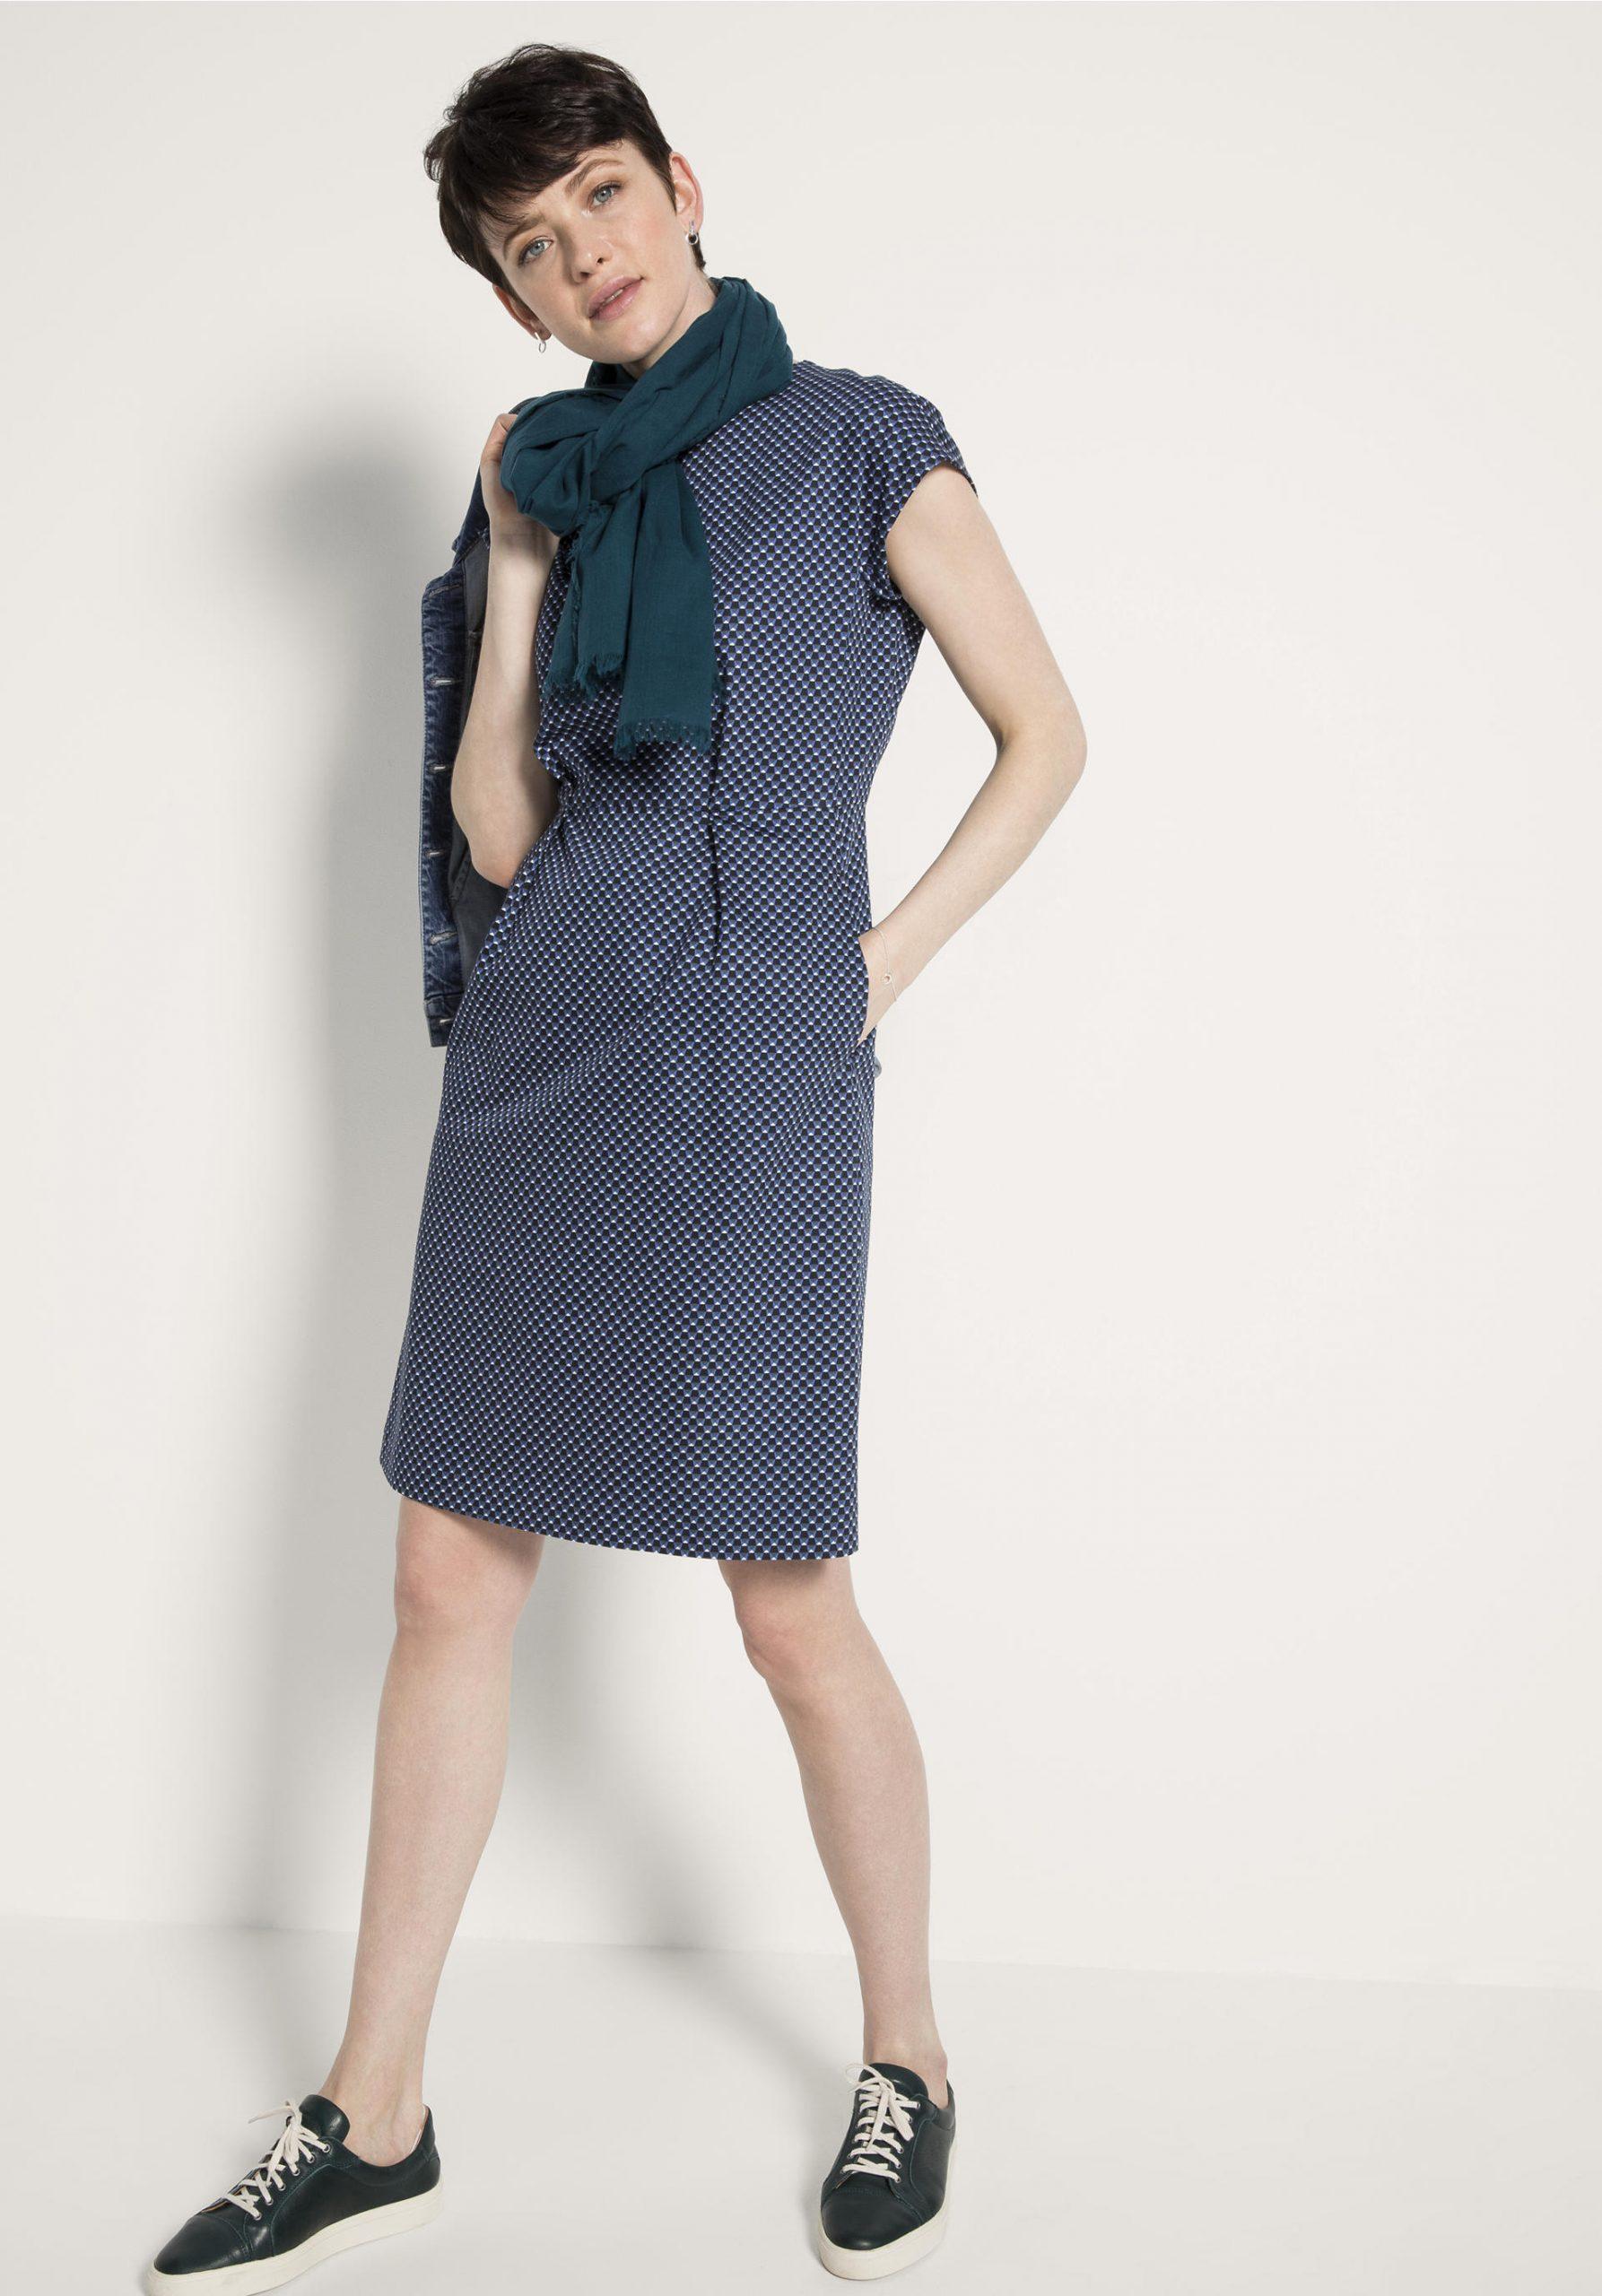 10 Genial Kleid Kniebedeckt Bester PreisDesigner Top Kleid Kniebedeckt Galerie